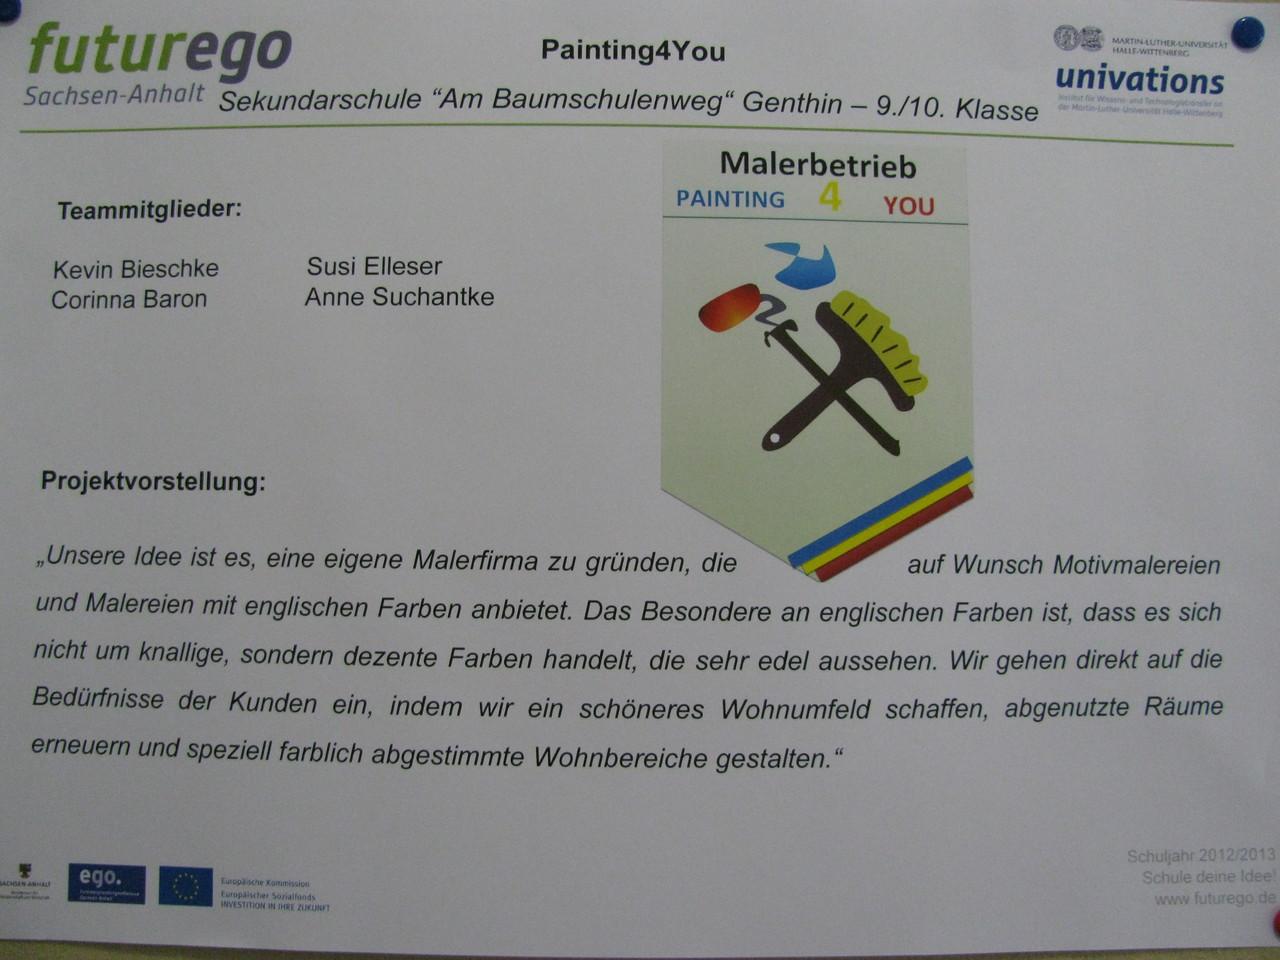 Mit dieser Idee nahmen sie am 26.06.2013 einen der zwei Sonderpreise beim landesweiten Schüler - Businessplanwettbewerb futurego Sachsen - Anhalt entgegen.